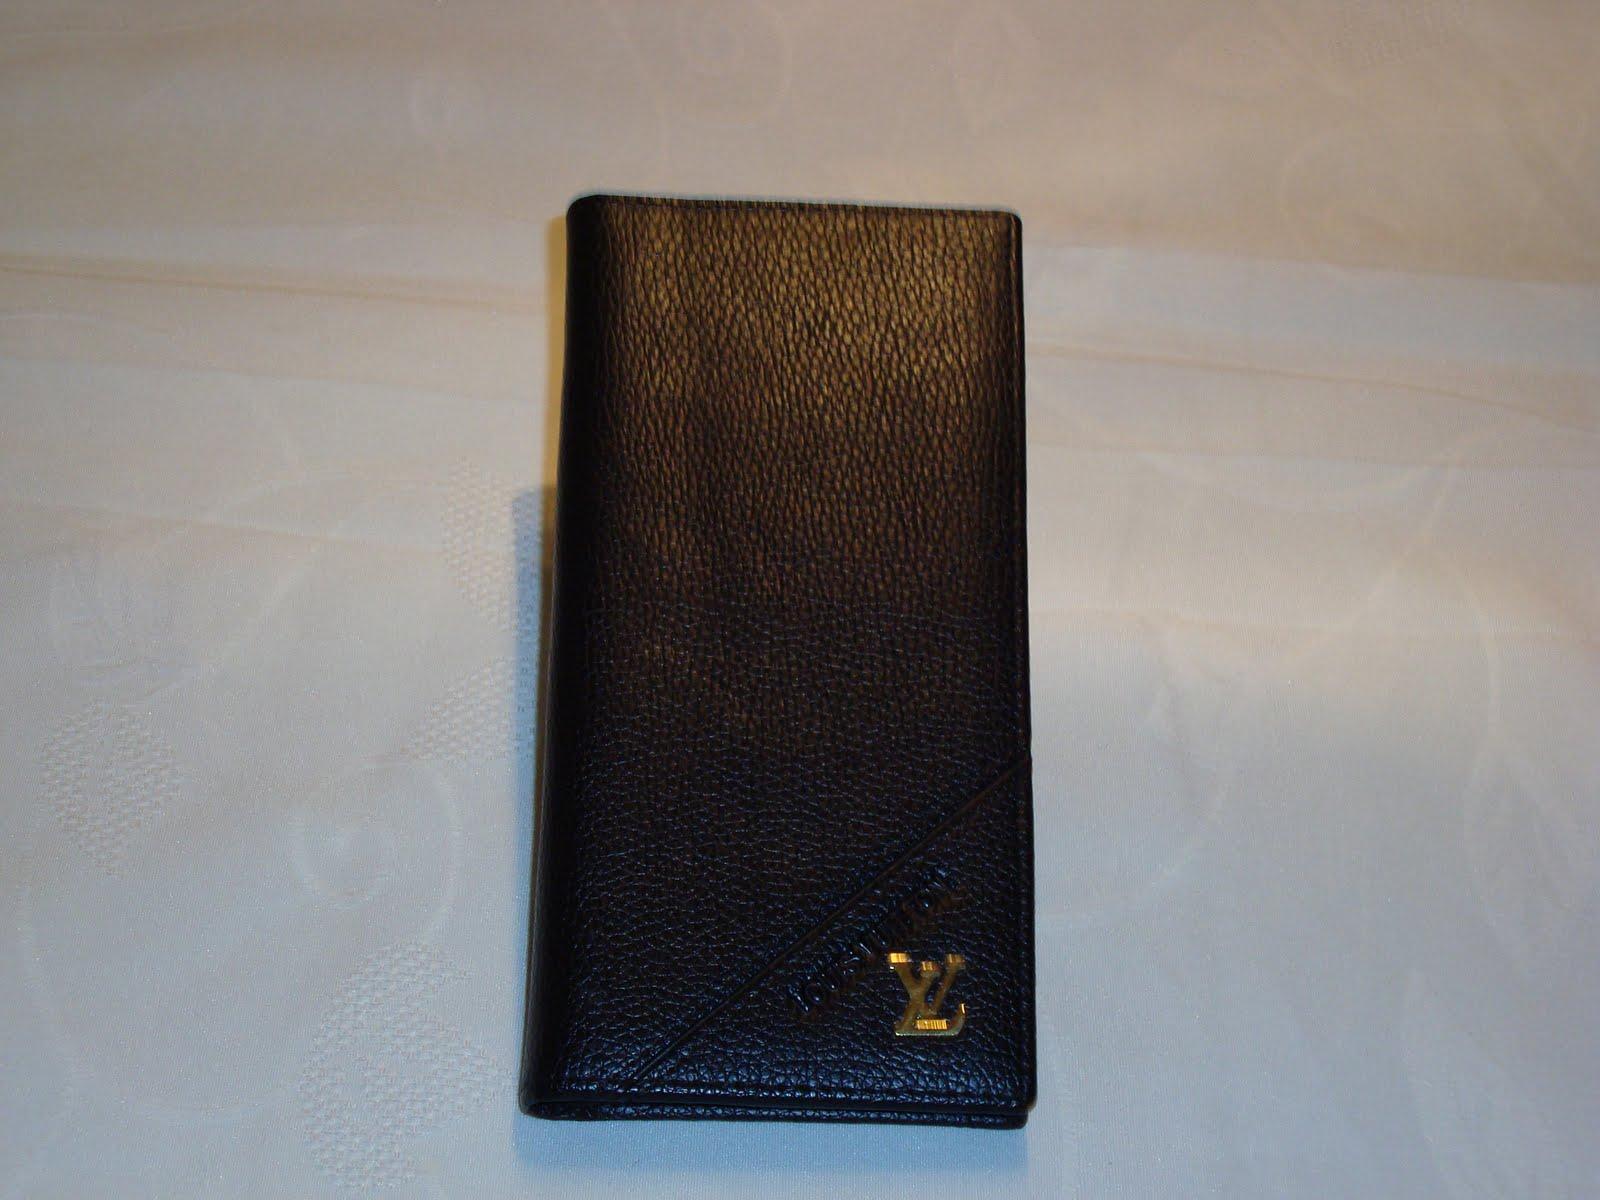 2087823a9 Precio De Billetera Louis Vuitton Para Hombres | Stanford Center for ...